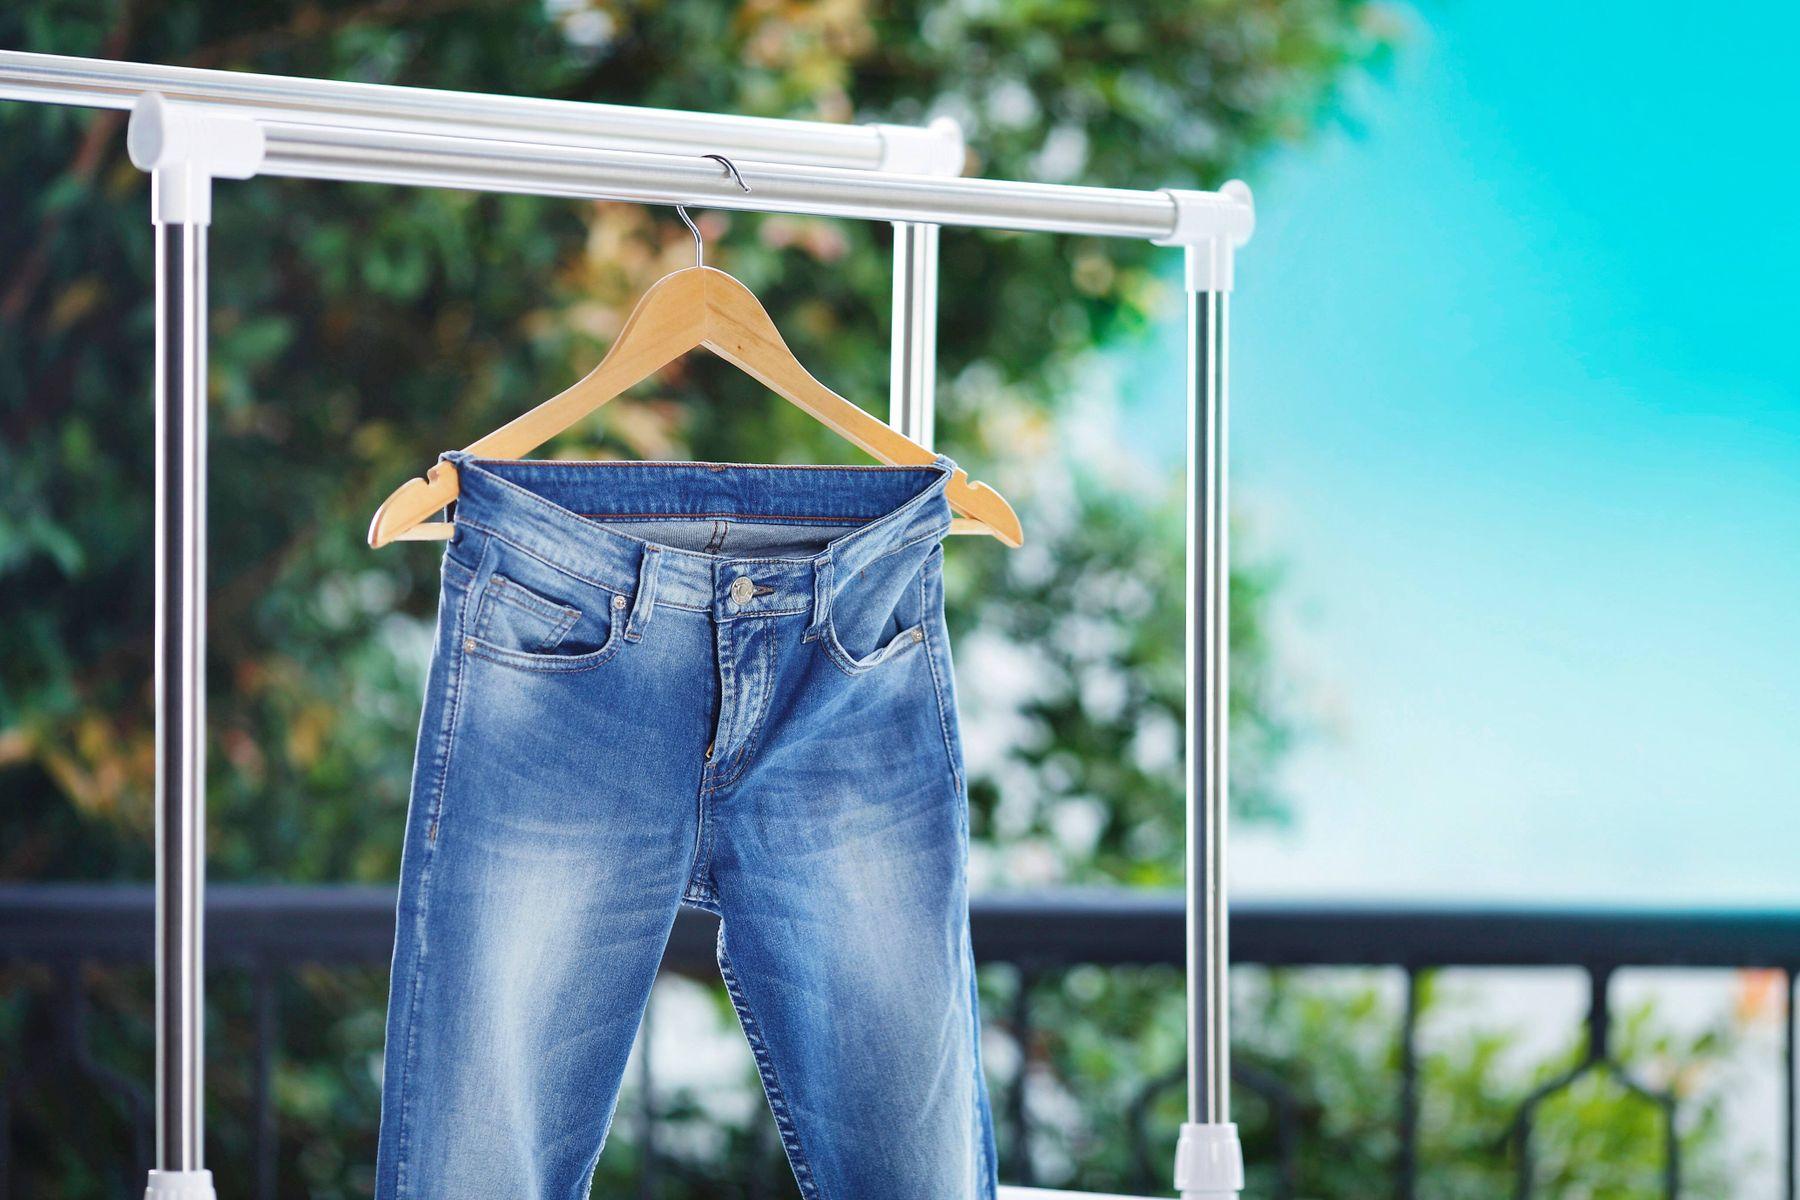 Jeans hängen von einem Kleiderbügel im Garten